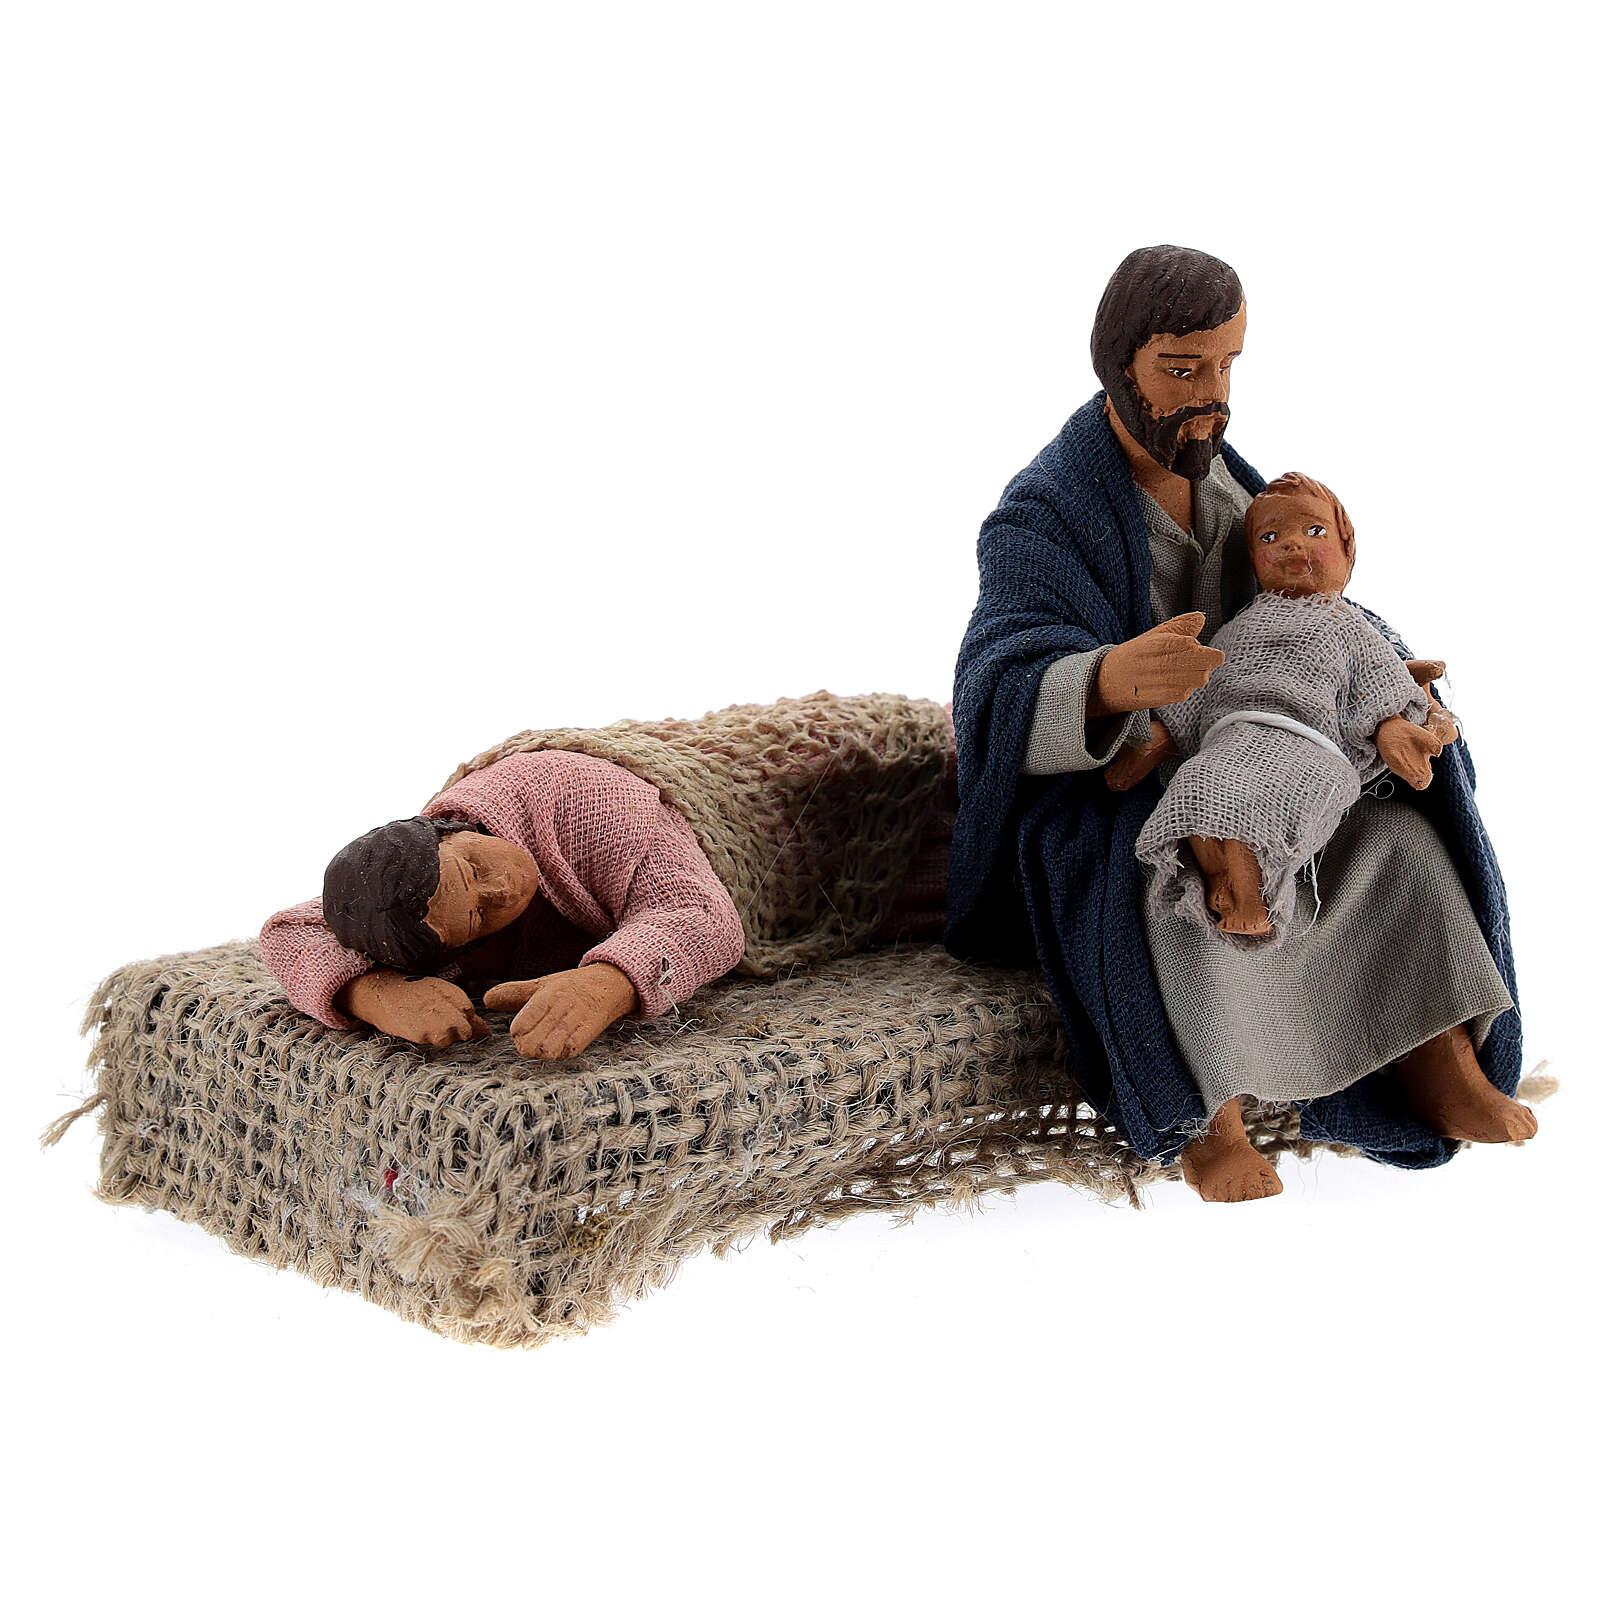 Scena Rodzina odpoczywająca szopka z Neapolu 10 cm 4